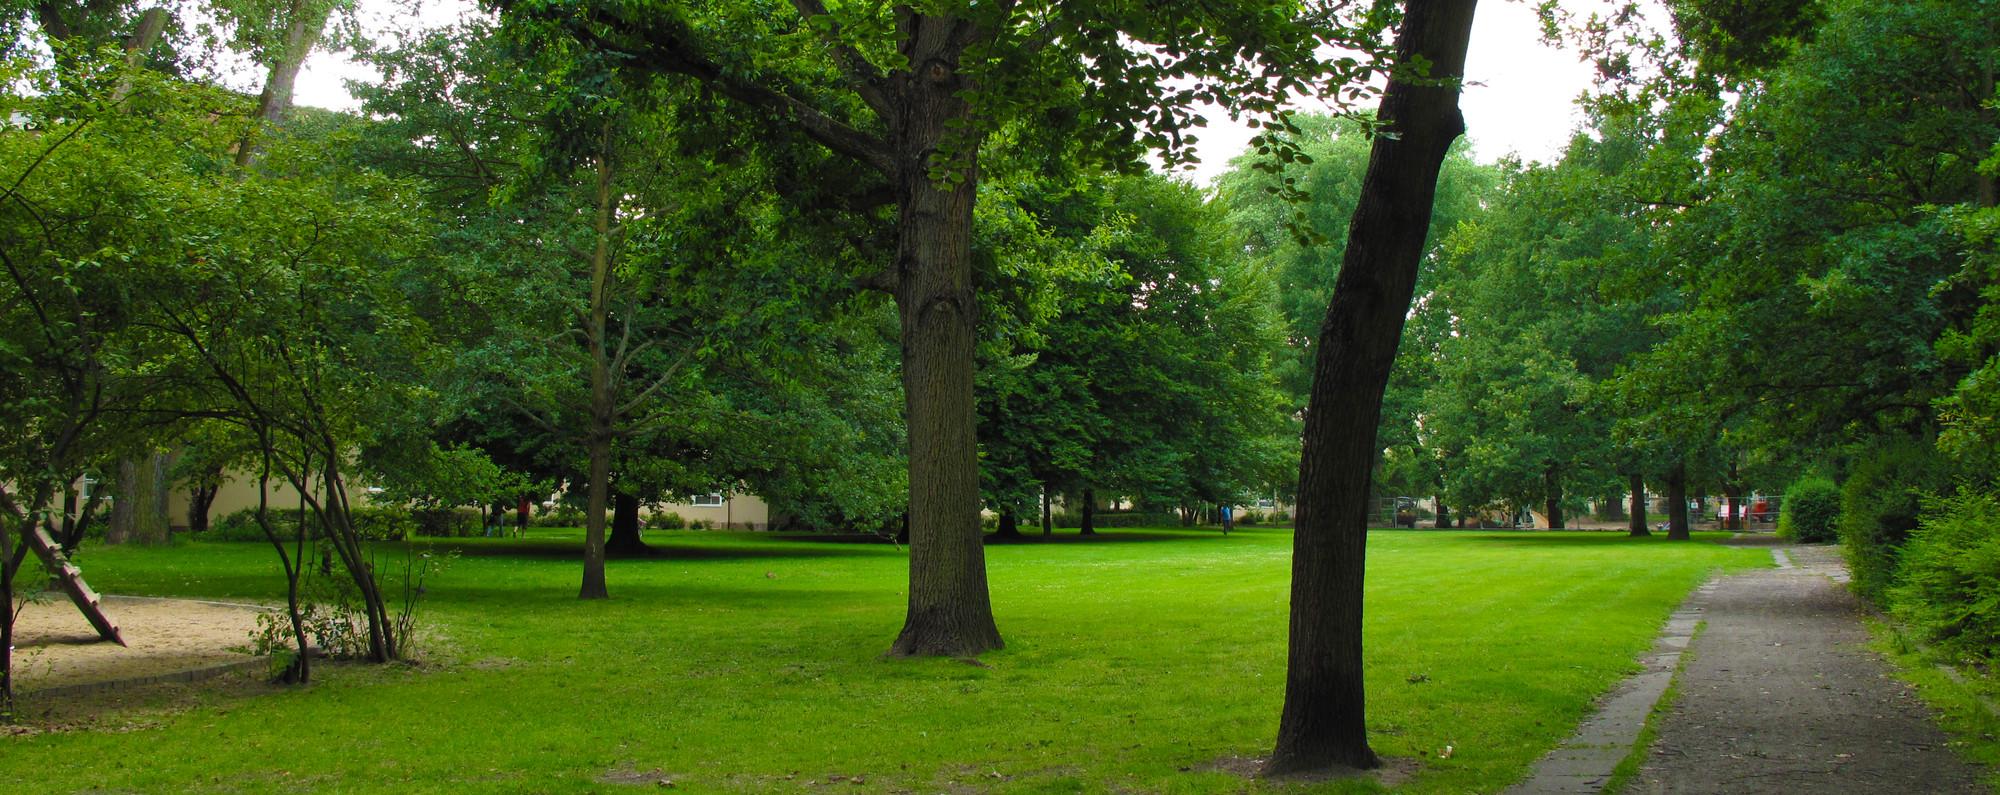 Imagen del gran parque central de la siedlung. Image Courtesy of Óscar Miguel Ares